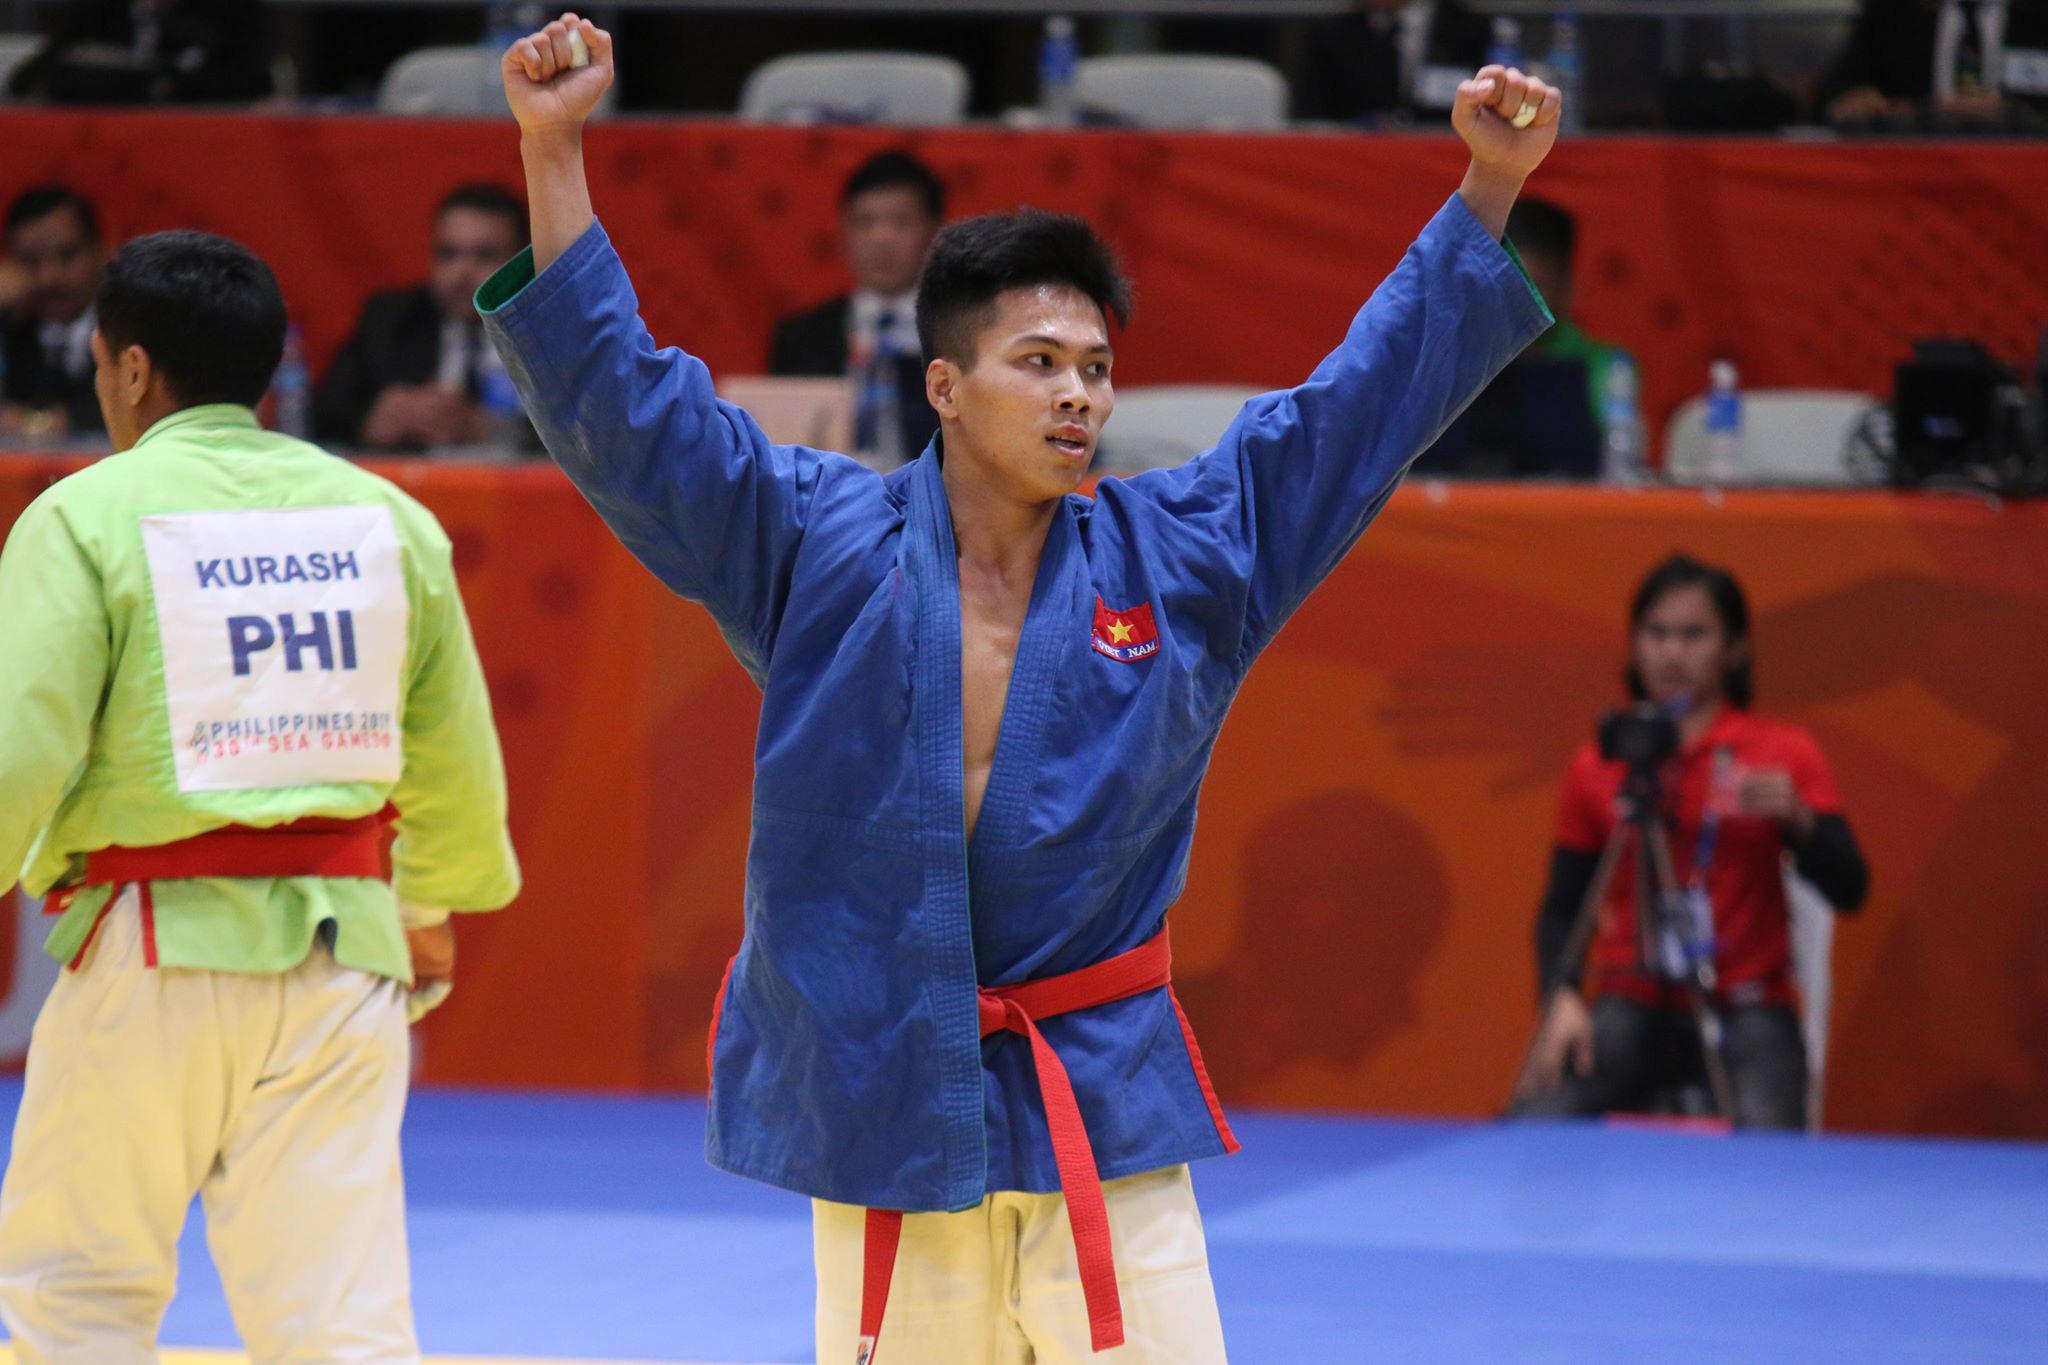 Kurash đoạt liền 5 HCV, giúp đoàn thể thao Việt Nam bứt phá ngoạn mục